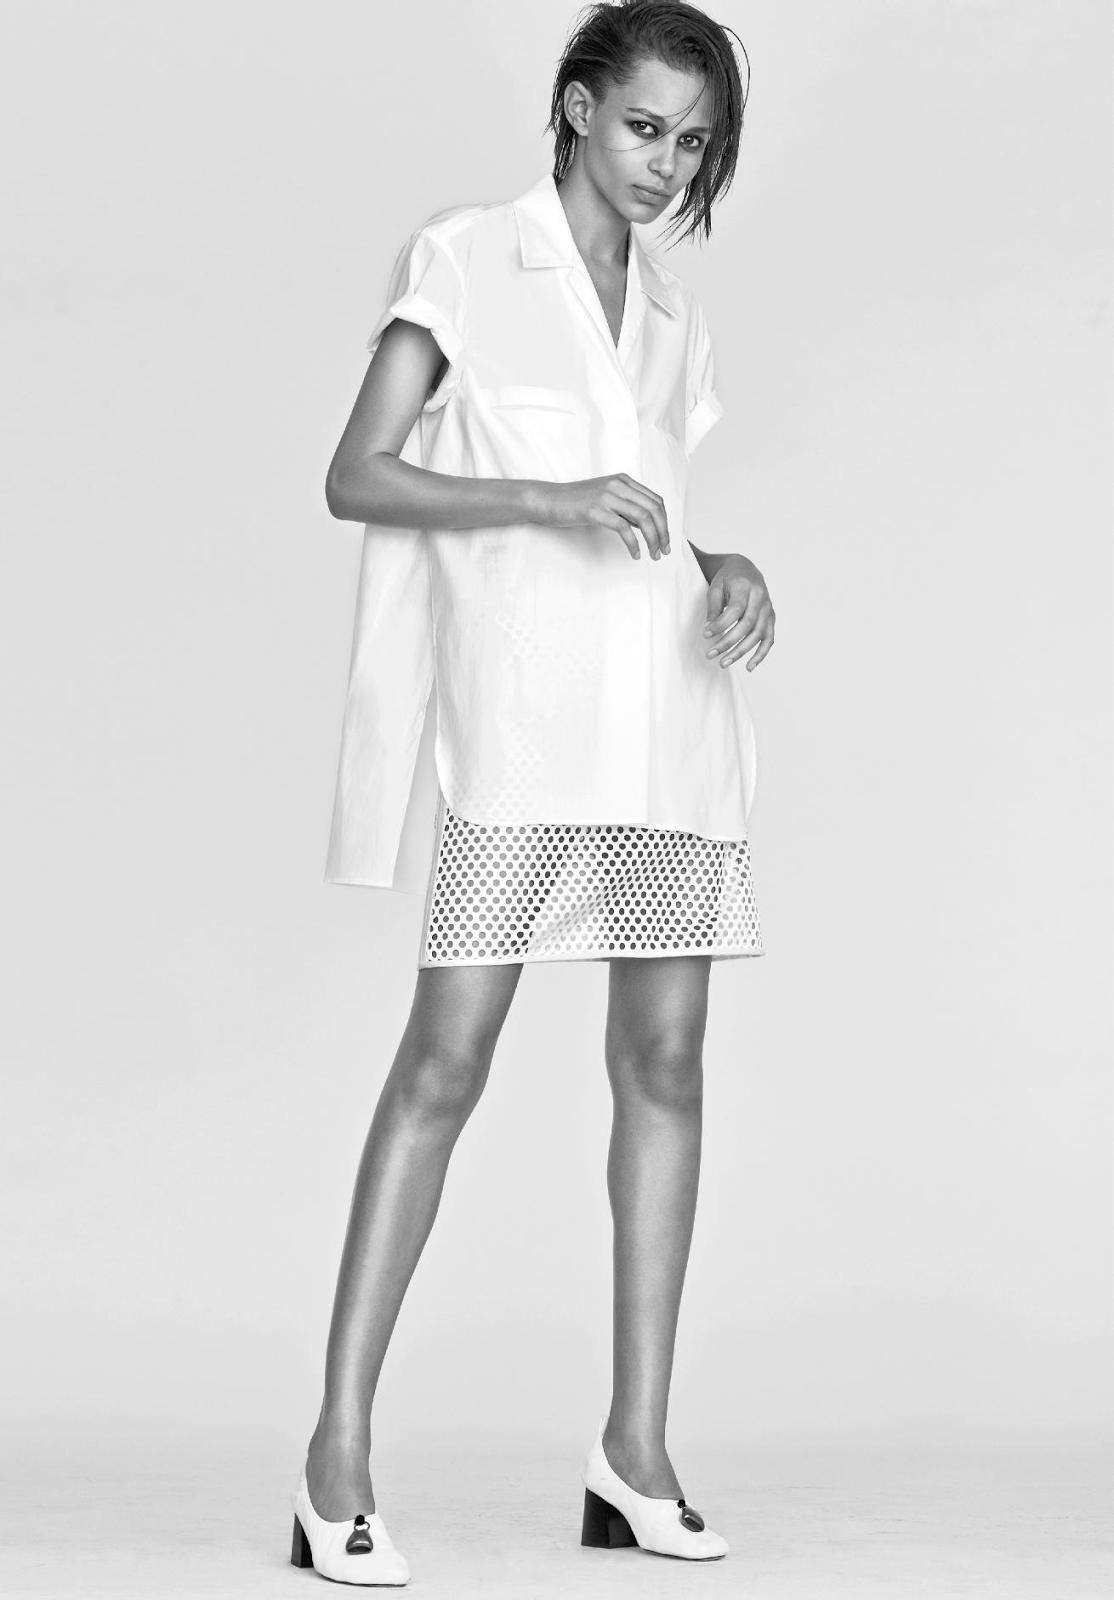 Binx Walton by Kacper Kaspryzyk x Mel Ottenberg for V Magazine Spring 2015